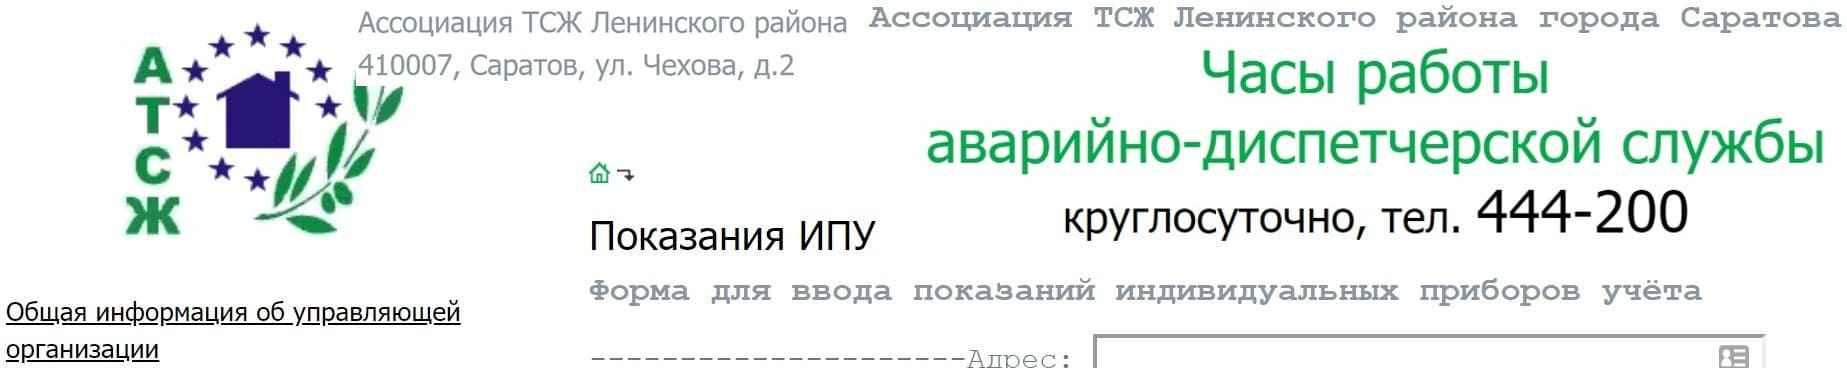 АТСЖ Саратов